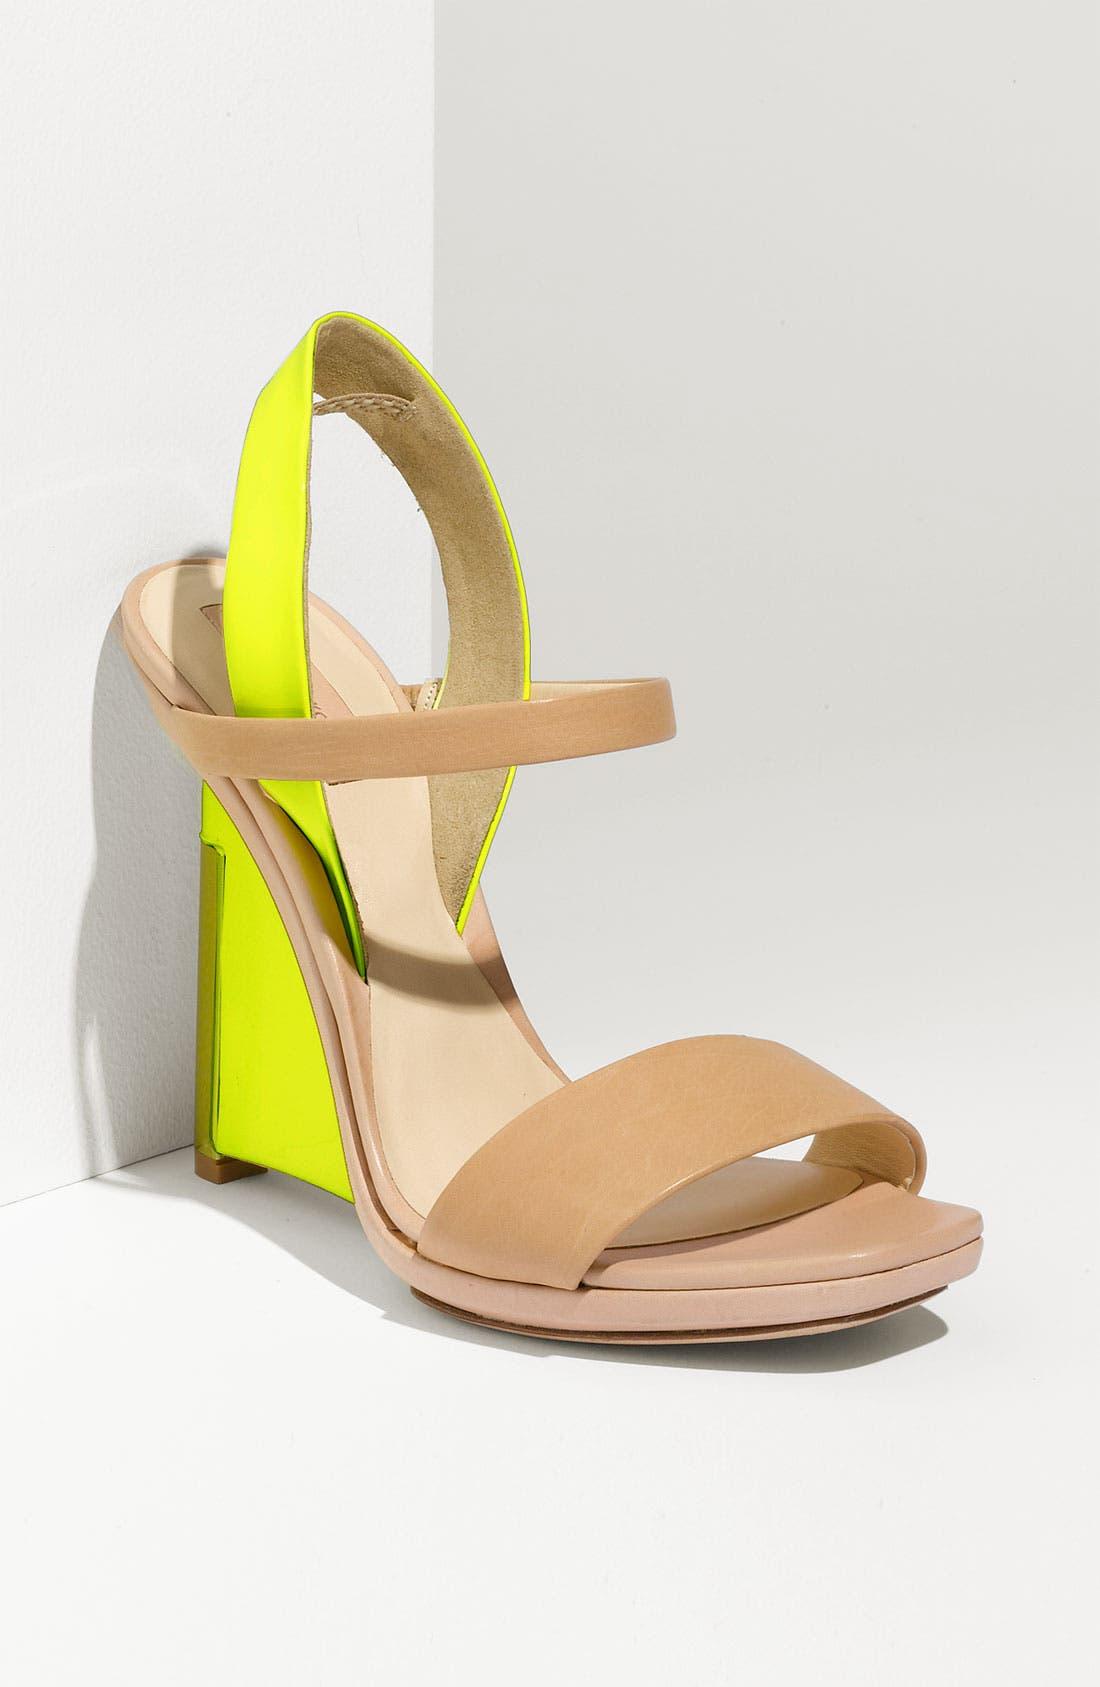 Main Image - Reed Krakoff 'Architect' Wedge Sandal